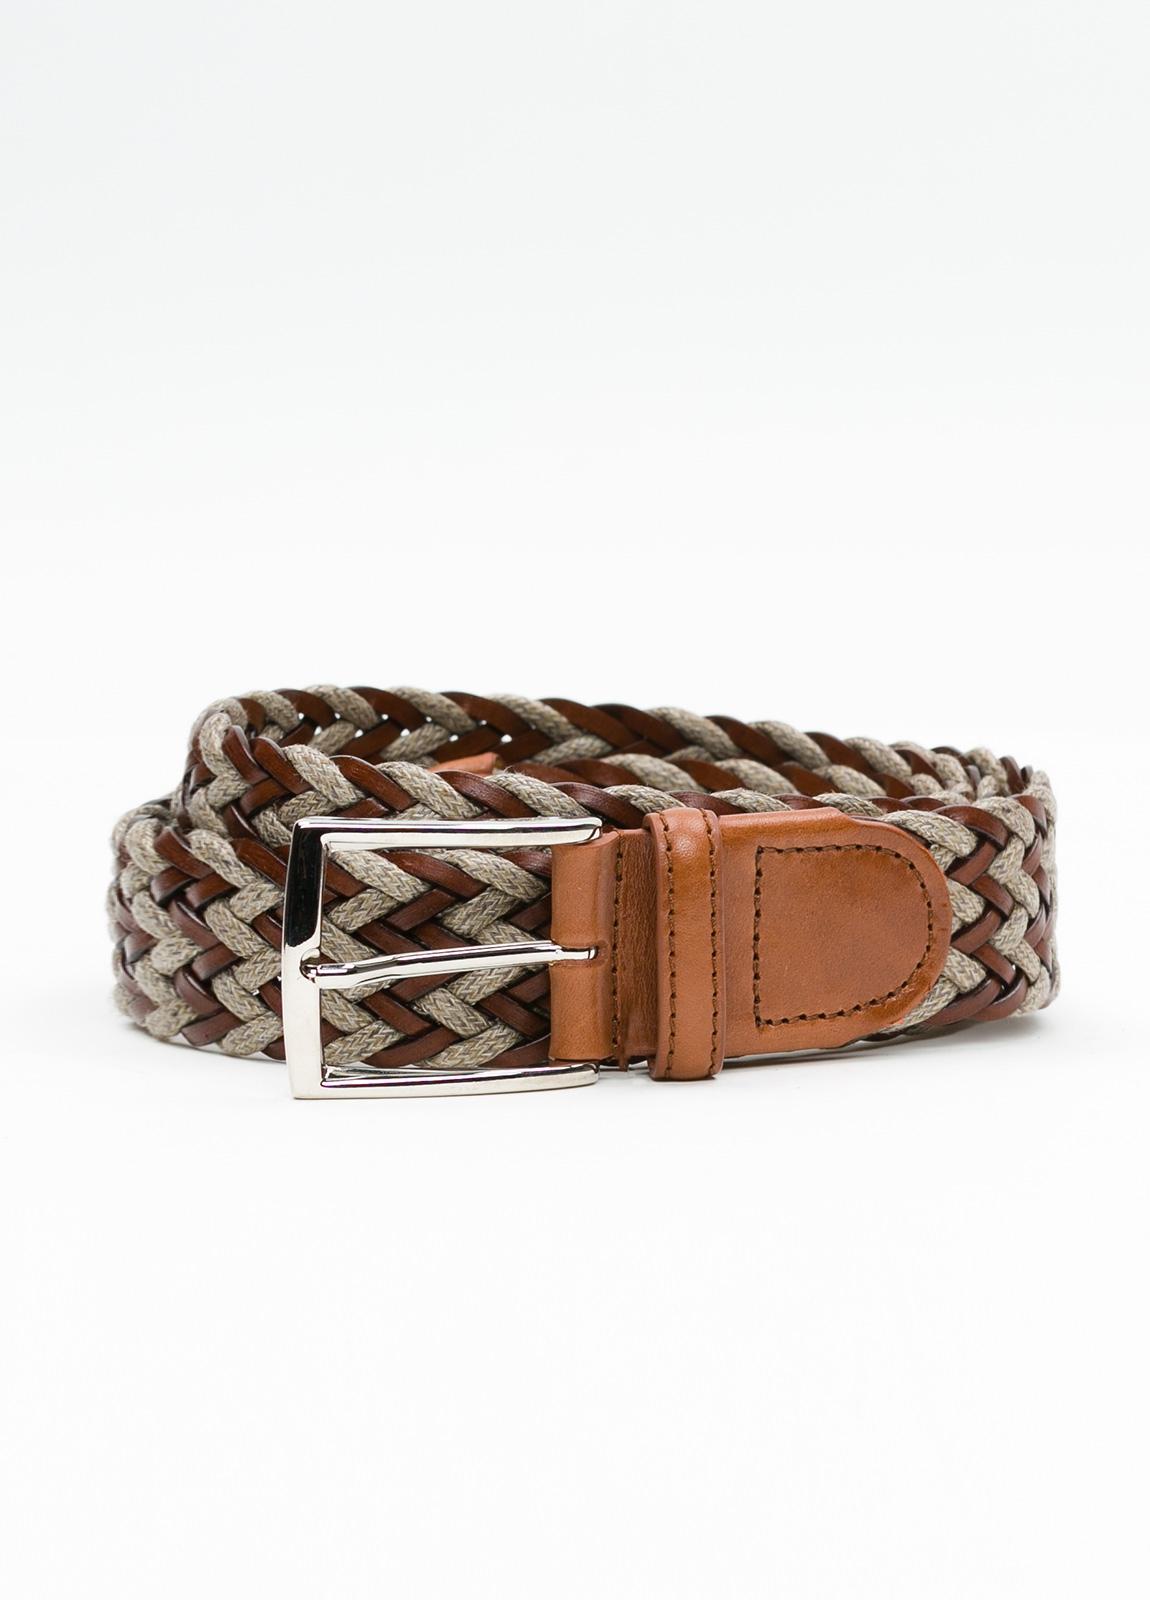 Cinturón Sport trenzado color marrón. Piel y lino.